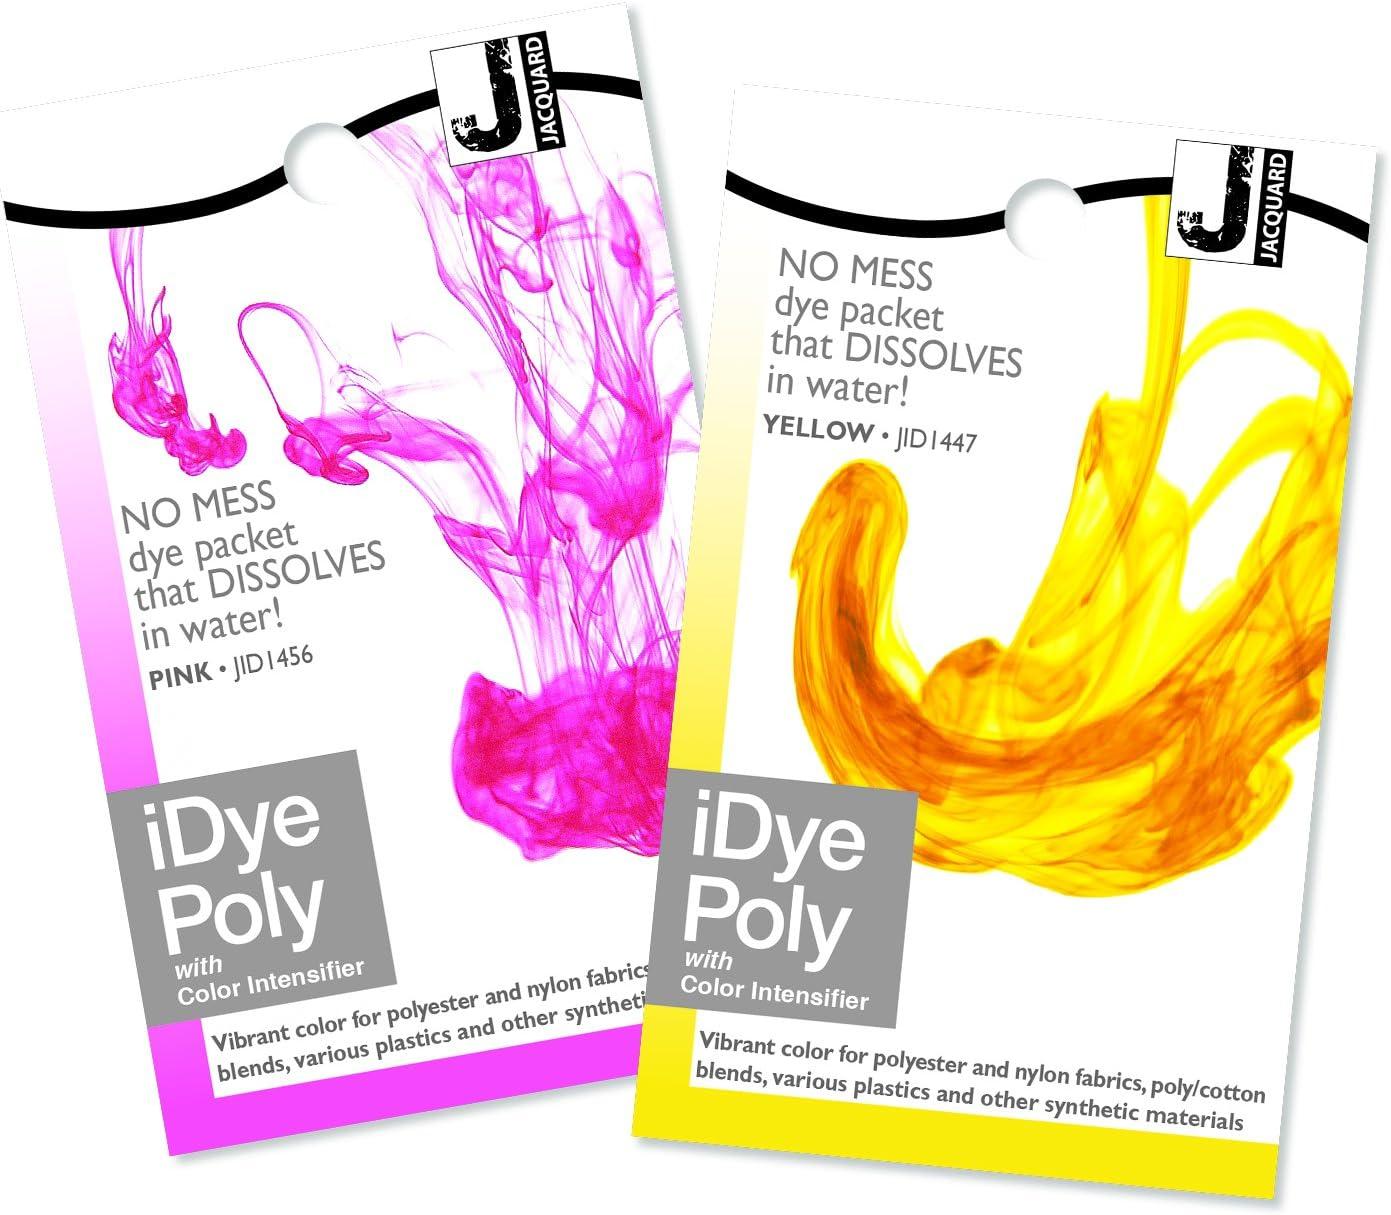 Stoff Farbstoff f/ür Polyester und Nylon Verschiedenen Farben Erh/ältlich Jacquard iDye Poly - Orange